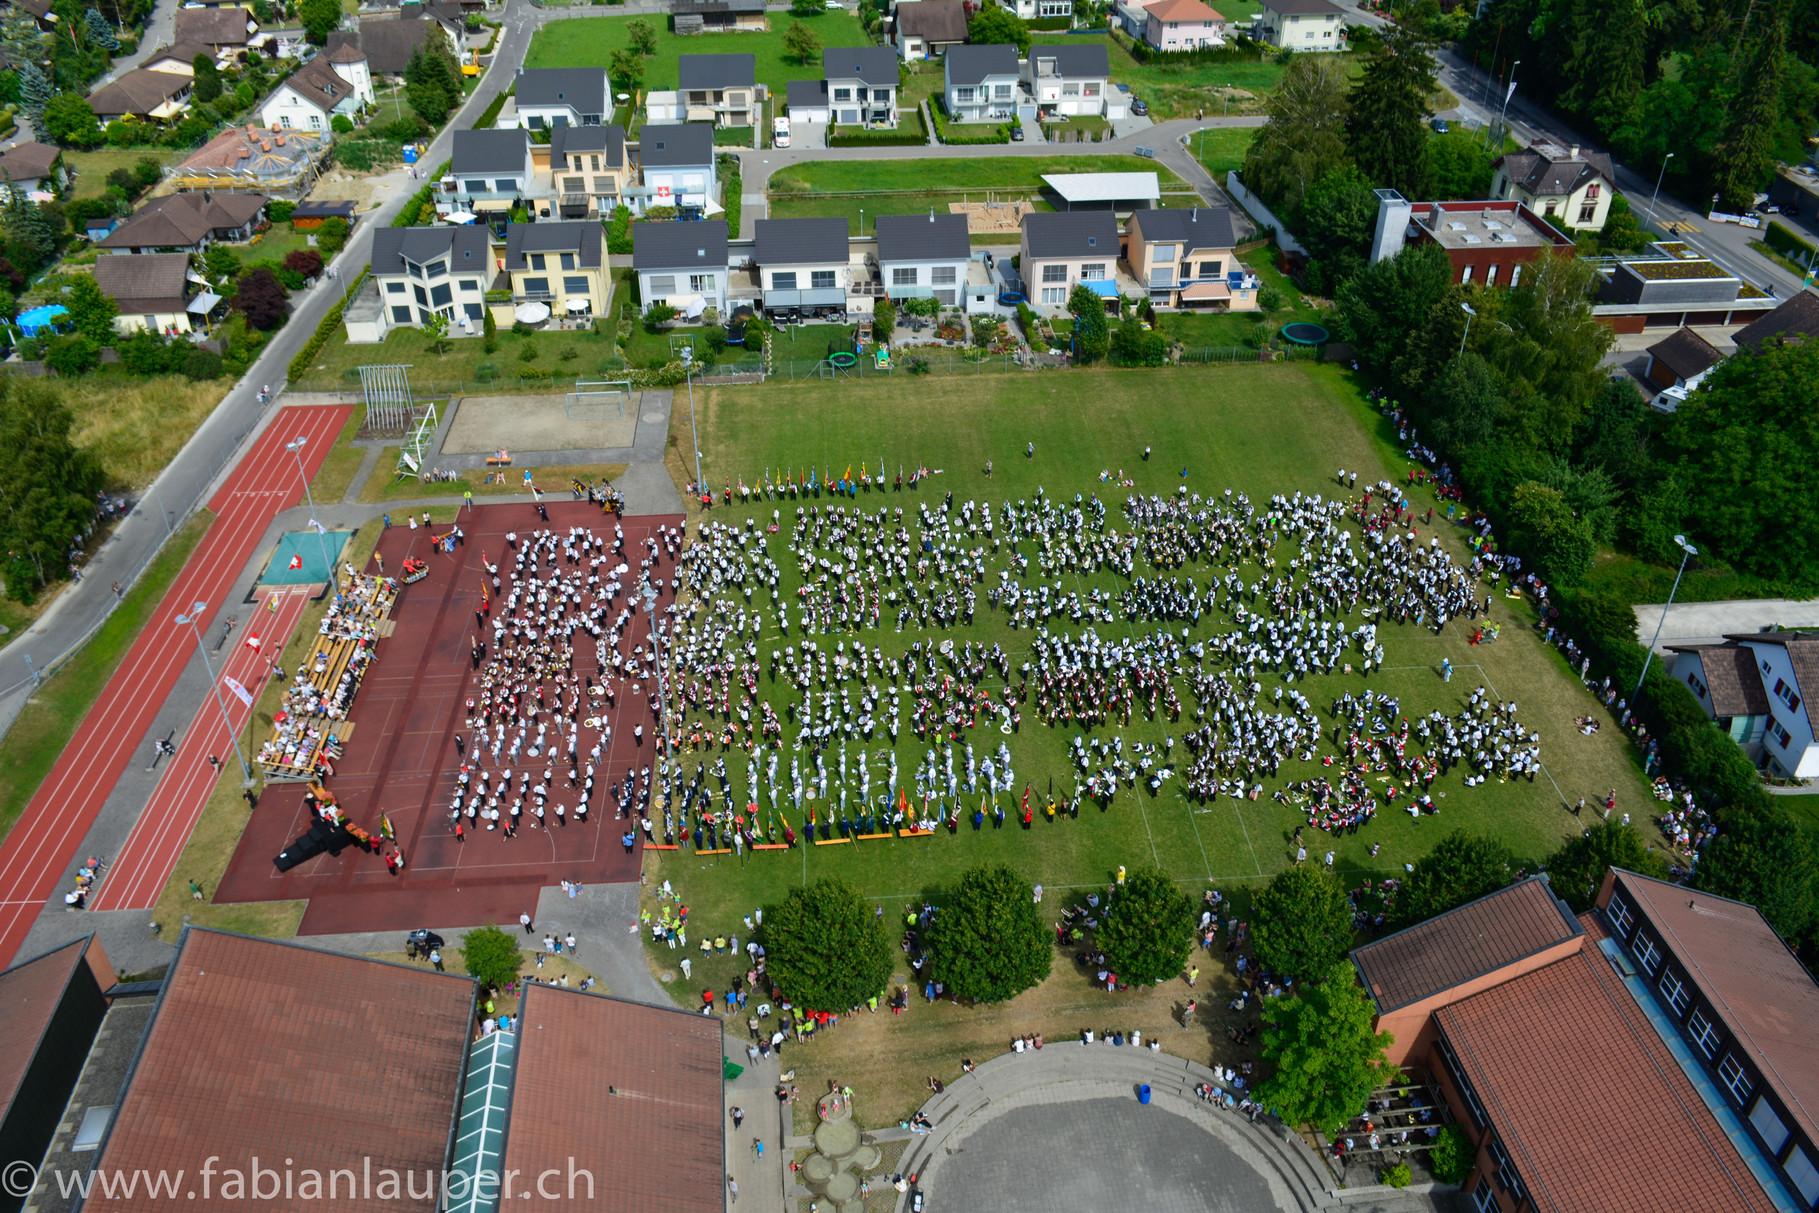 Gesamtchor mit über 2000 Musizierenden / Kantonales Musikfest Müllheim TG 20.-22. Juni 2014